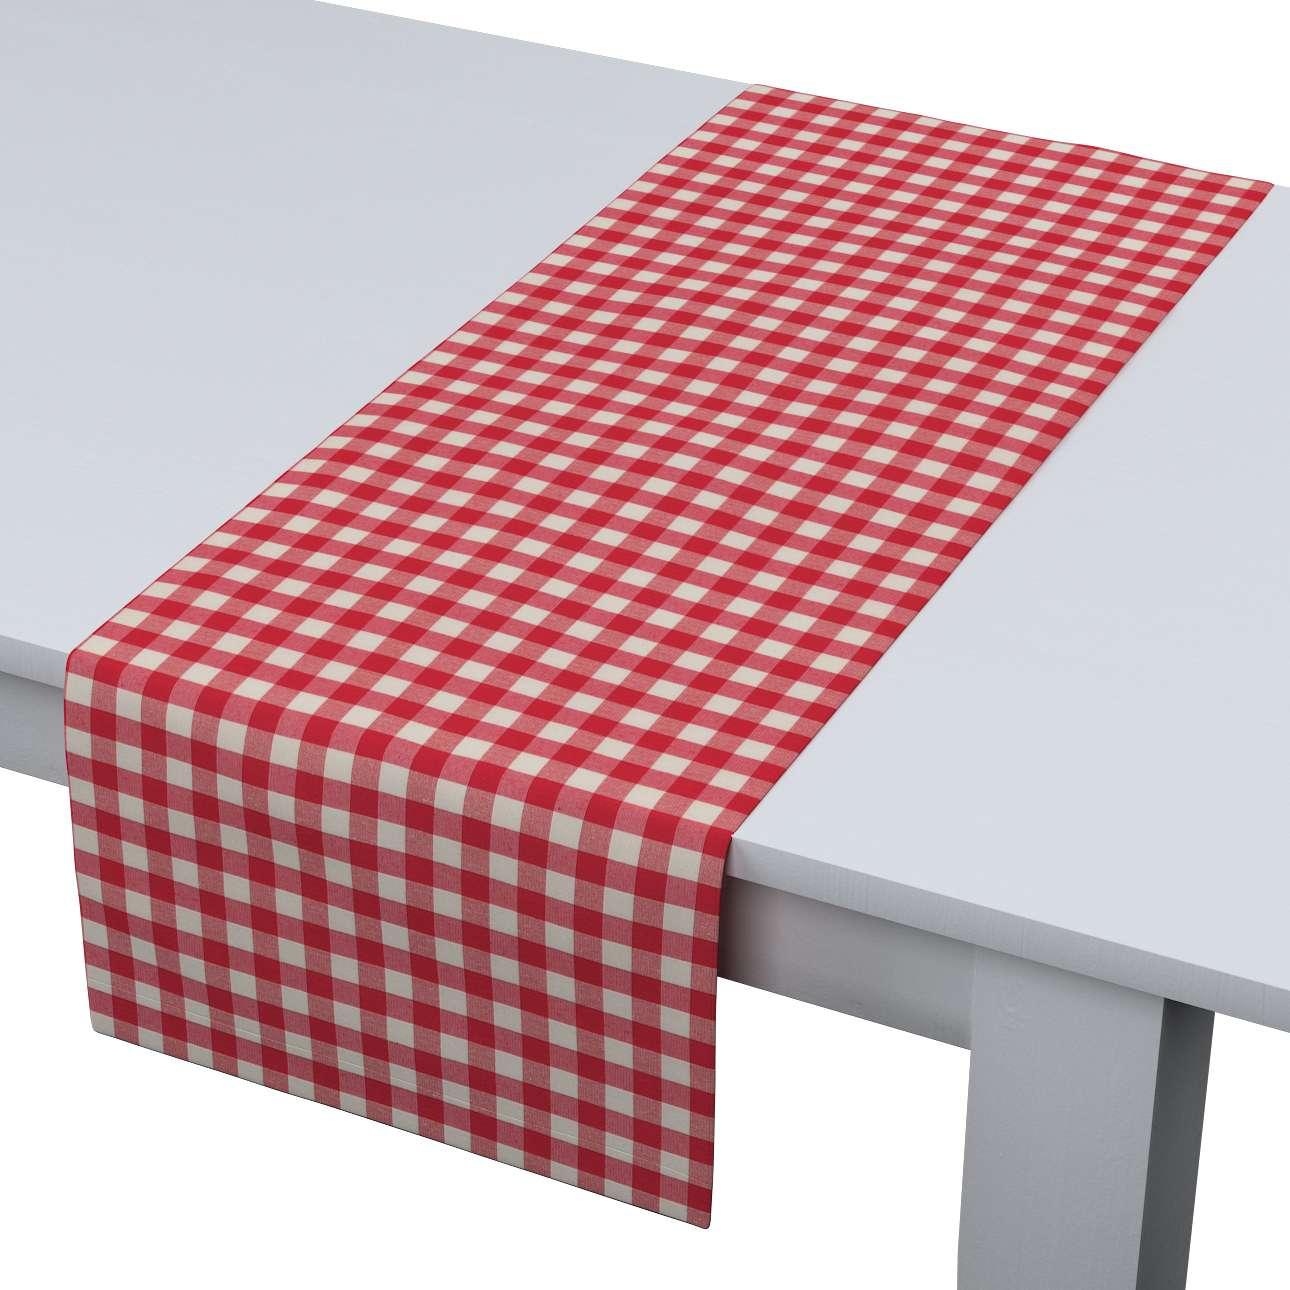 Štóla na stôl 40 x 130 cm V kolekcii Quadro, tkanina: 136-16